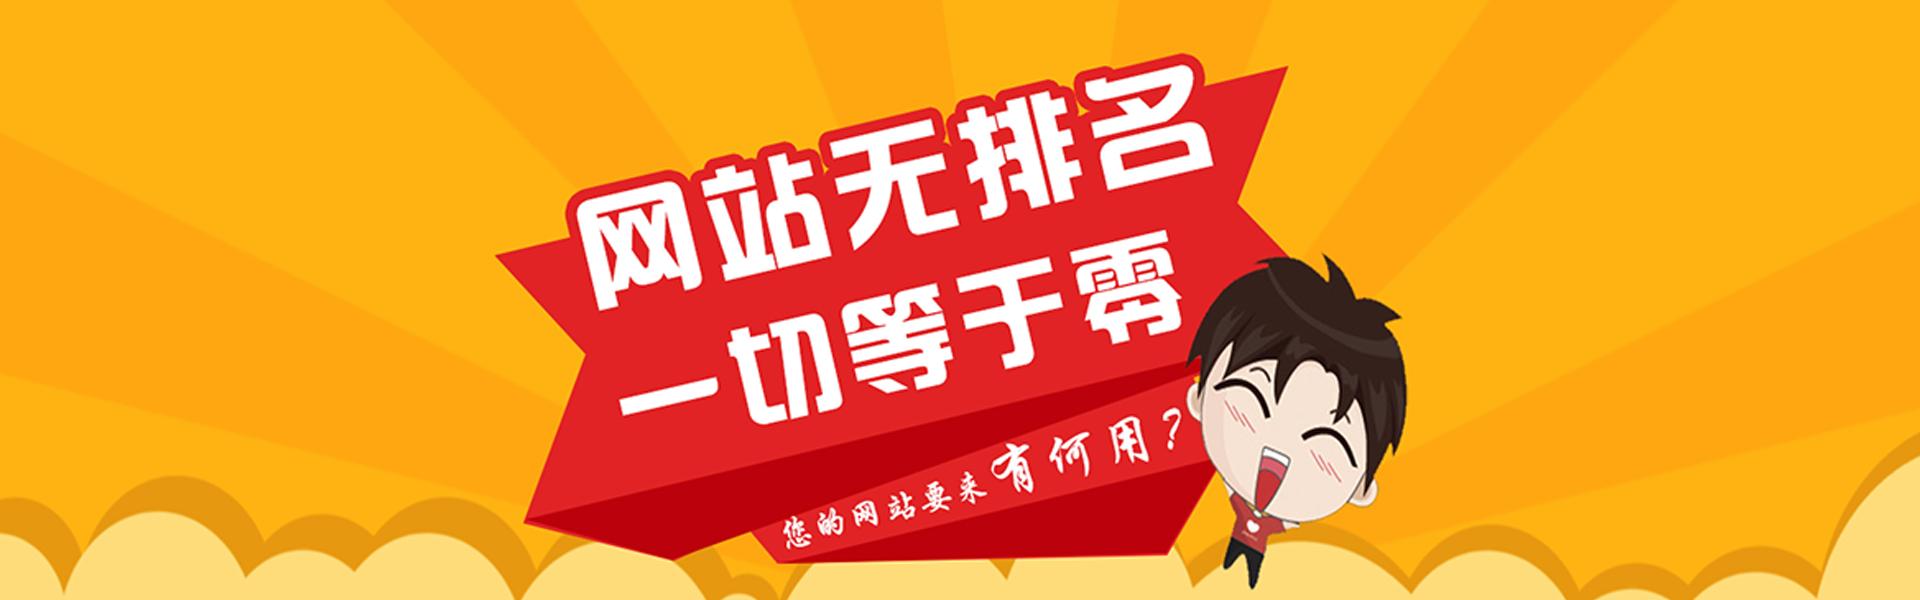 西安无网不盛网站建设seo优化.jpg